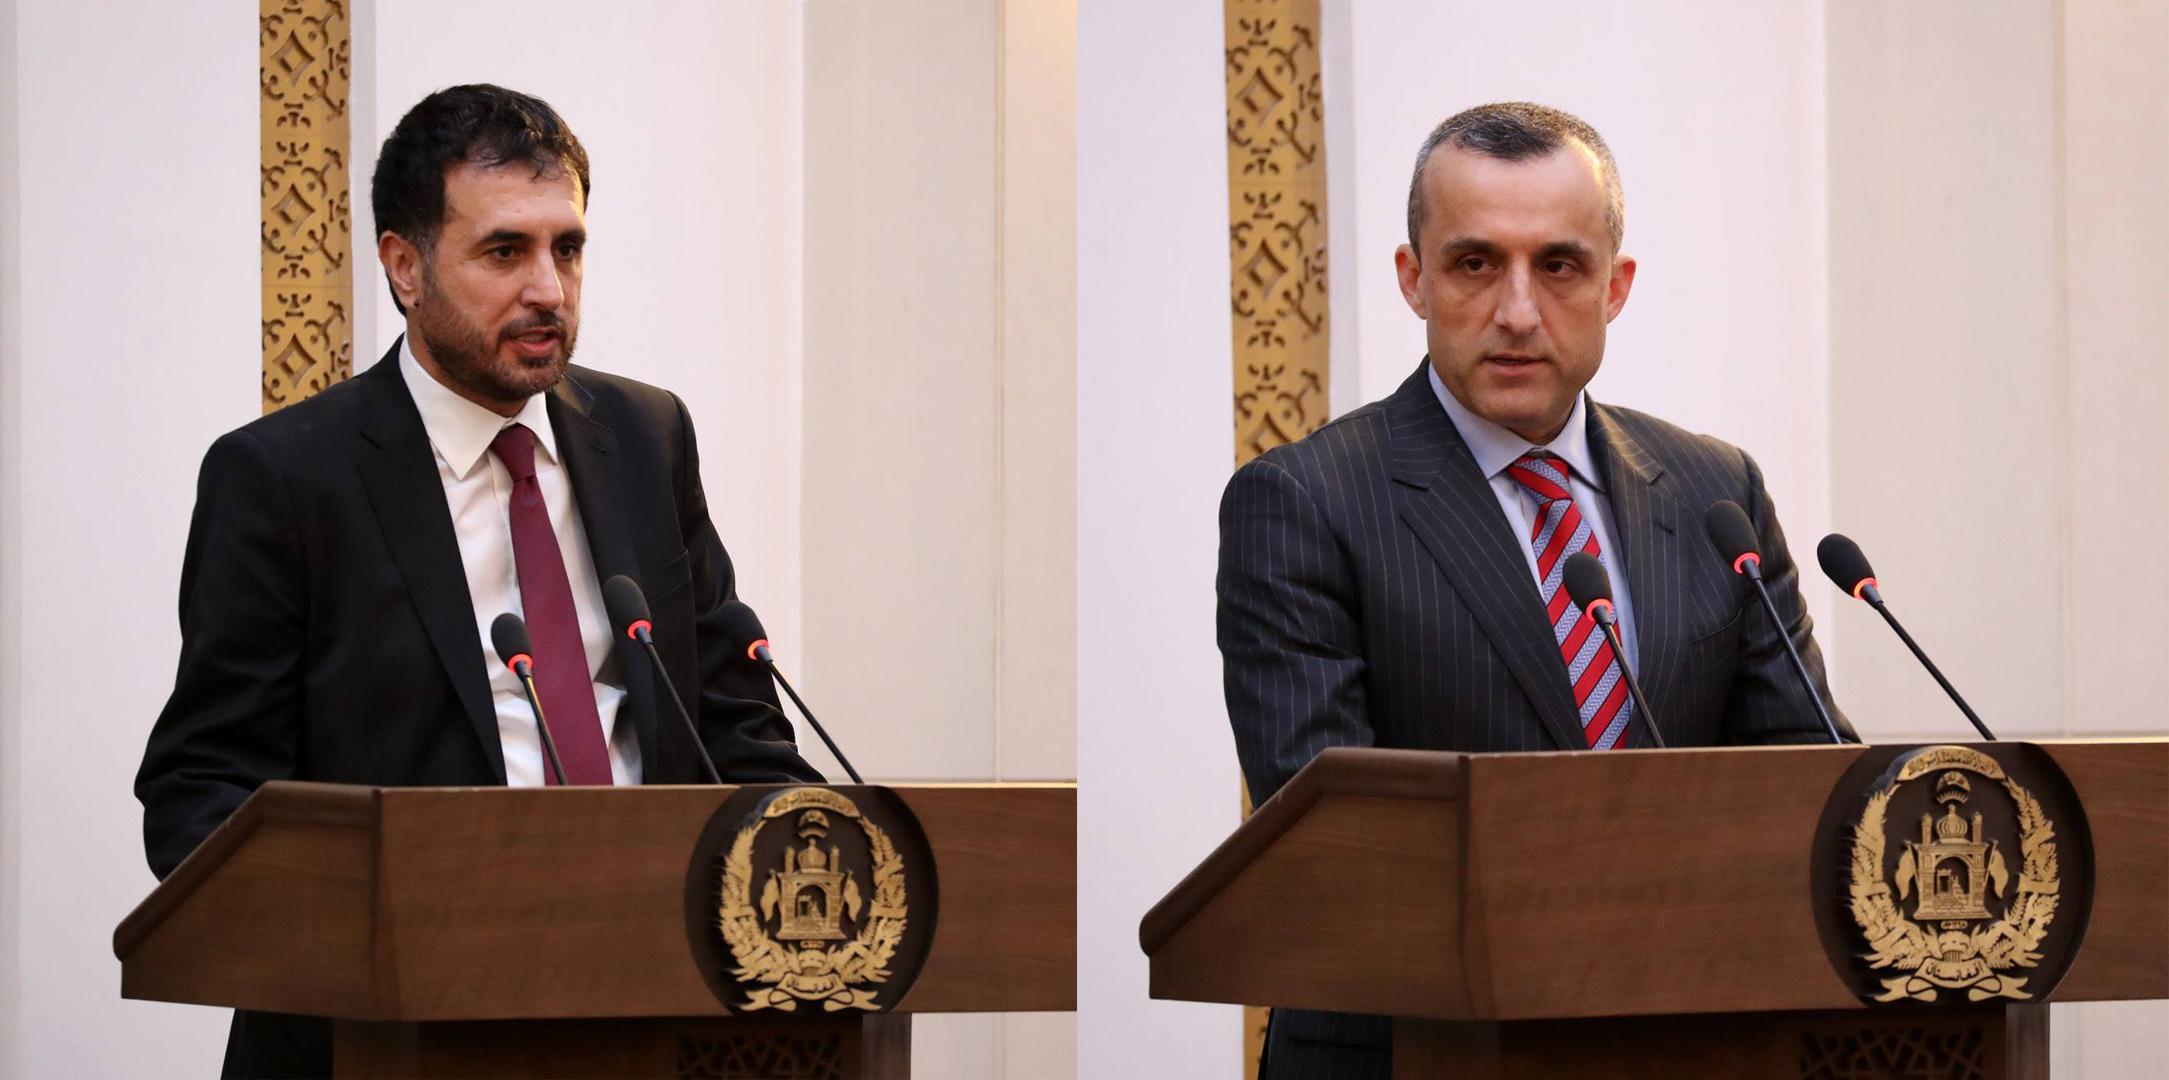 تصویر از سرپرستهای وزارتهای دفاع و داخله، رسما توسط «غنی» معرفی شد